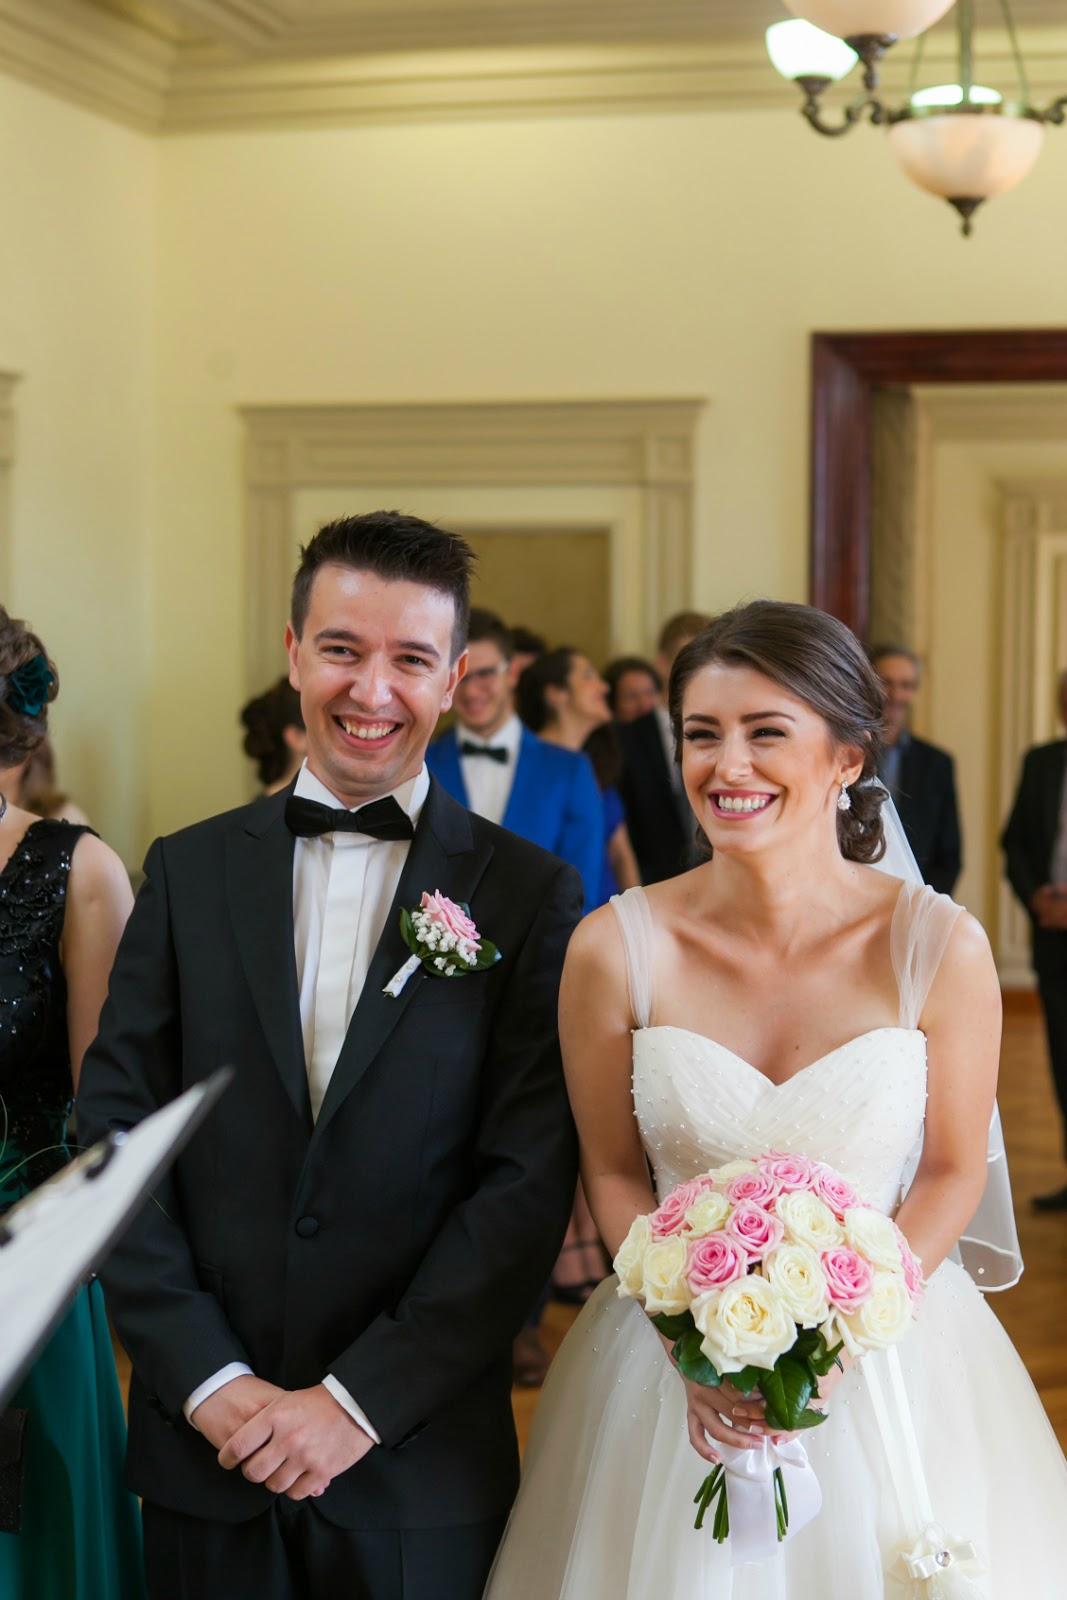 happy smiling bride and groom wedding photos